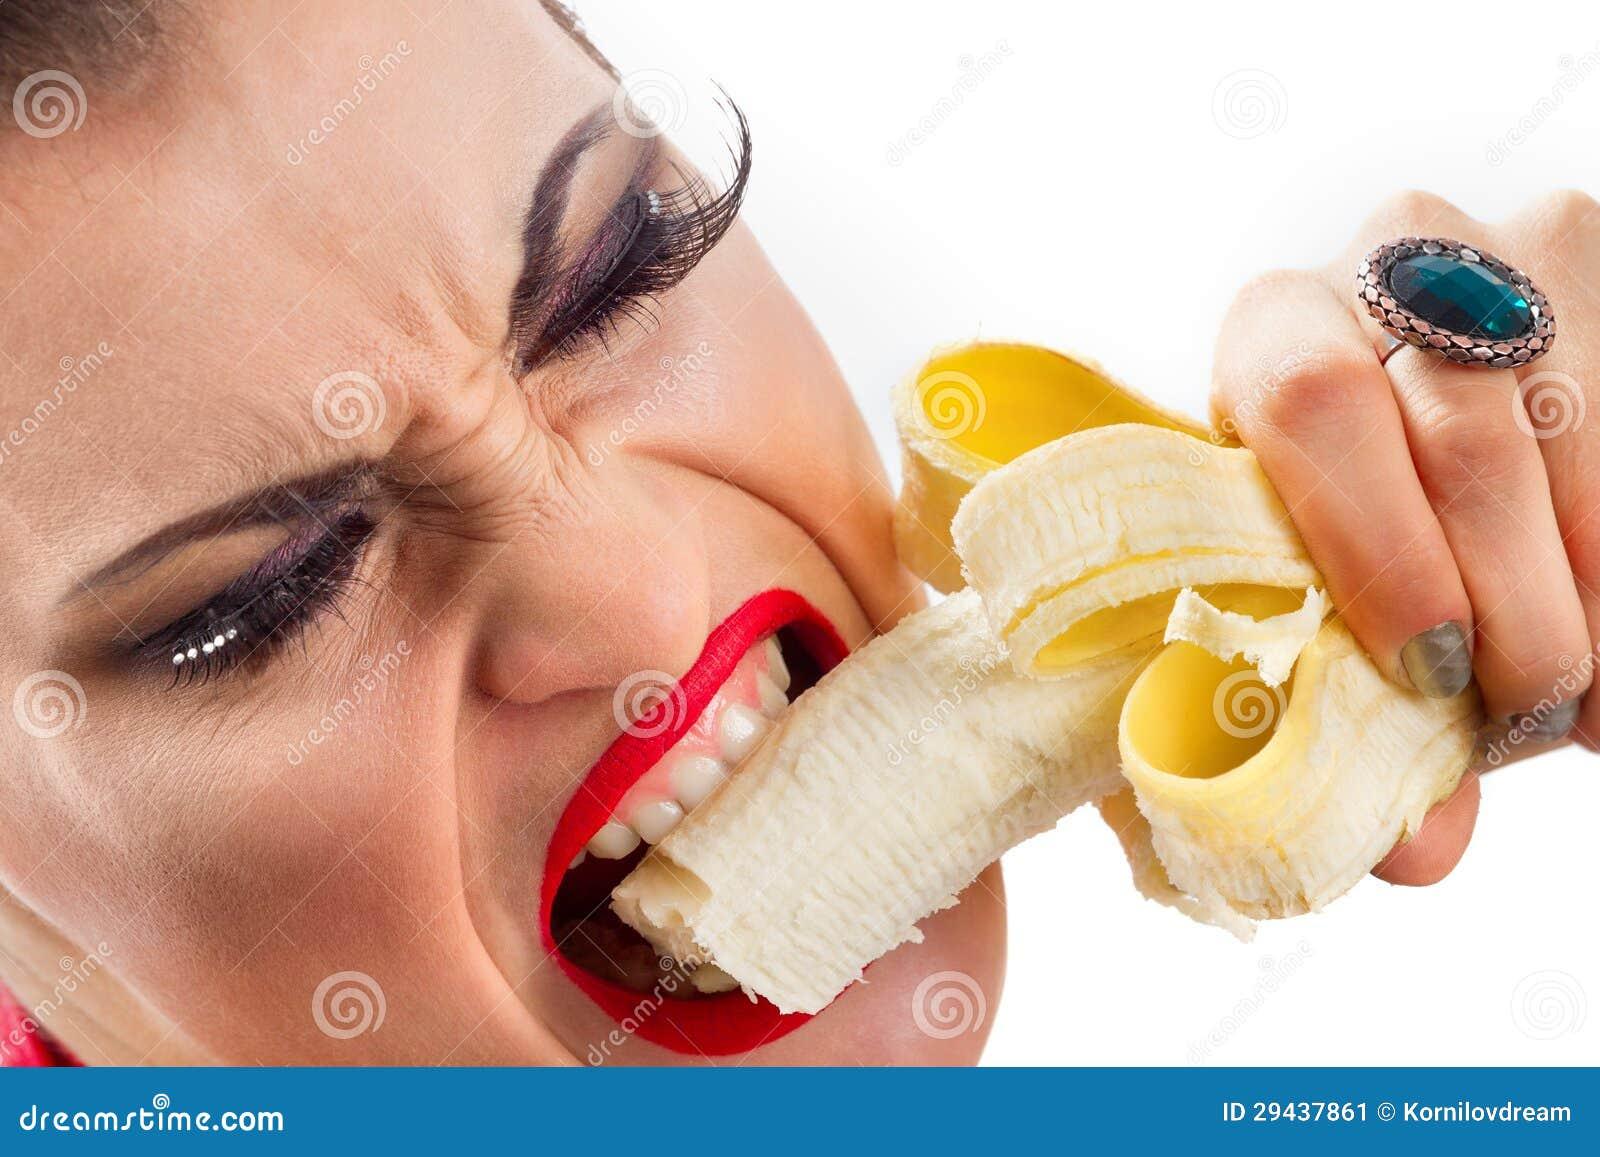 Спящей засунули член в рот, Брат засунул хуй в рот пьяной спящей сестре блондинке 23 фотография